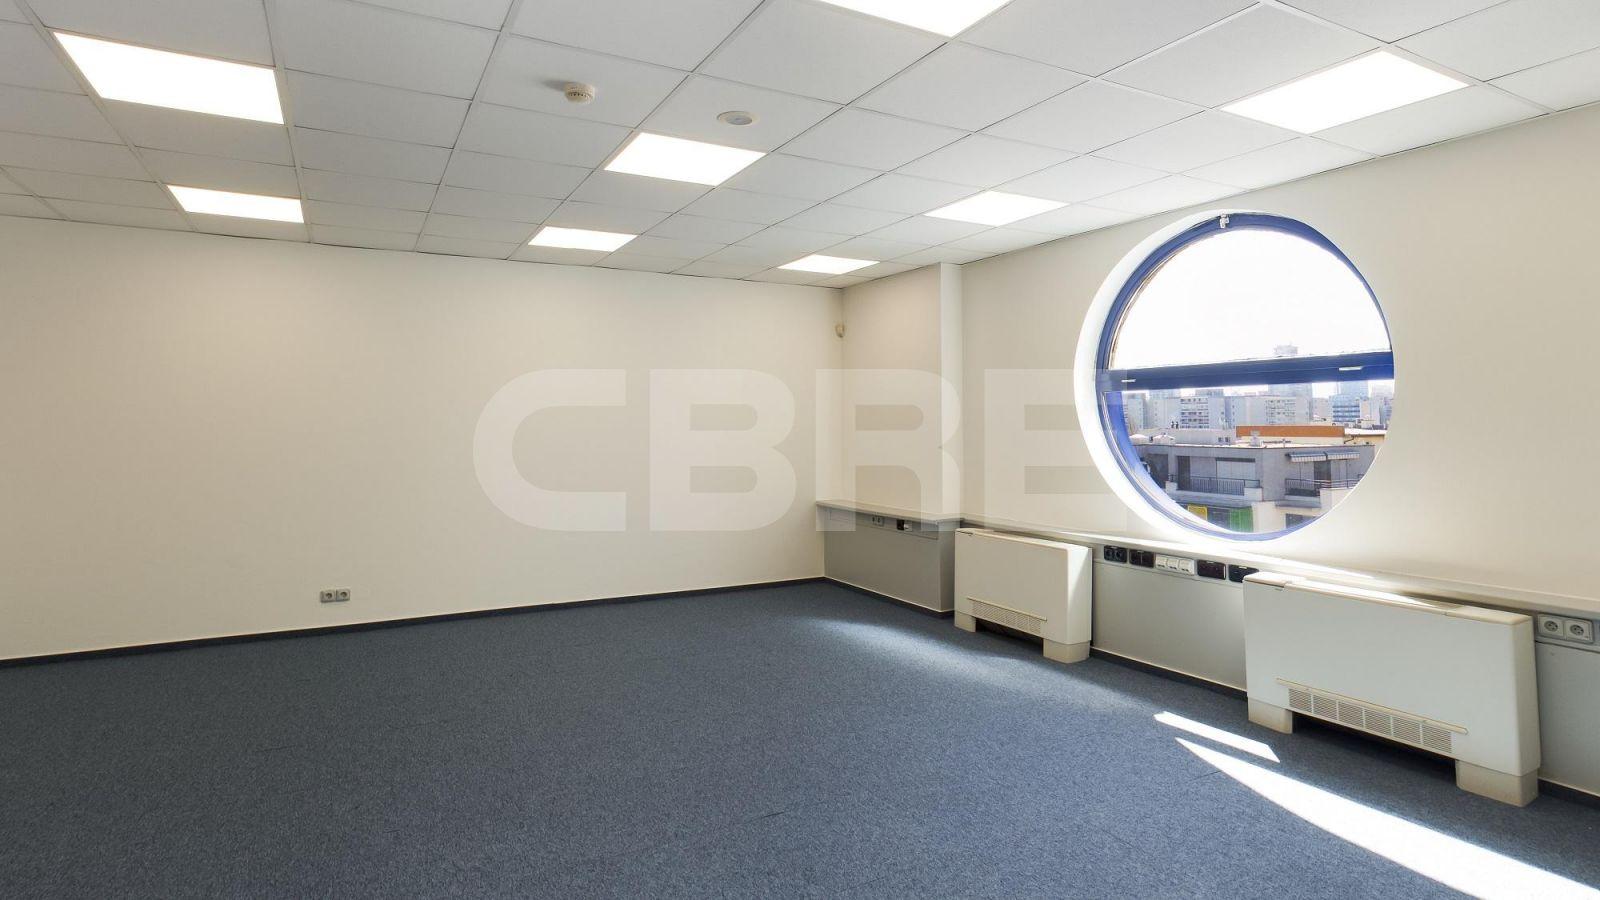 Trnavská cesta Business Center, Bratislava - Nové Mesto | Prenájom kancelárií od CBRE | 4